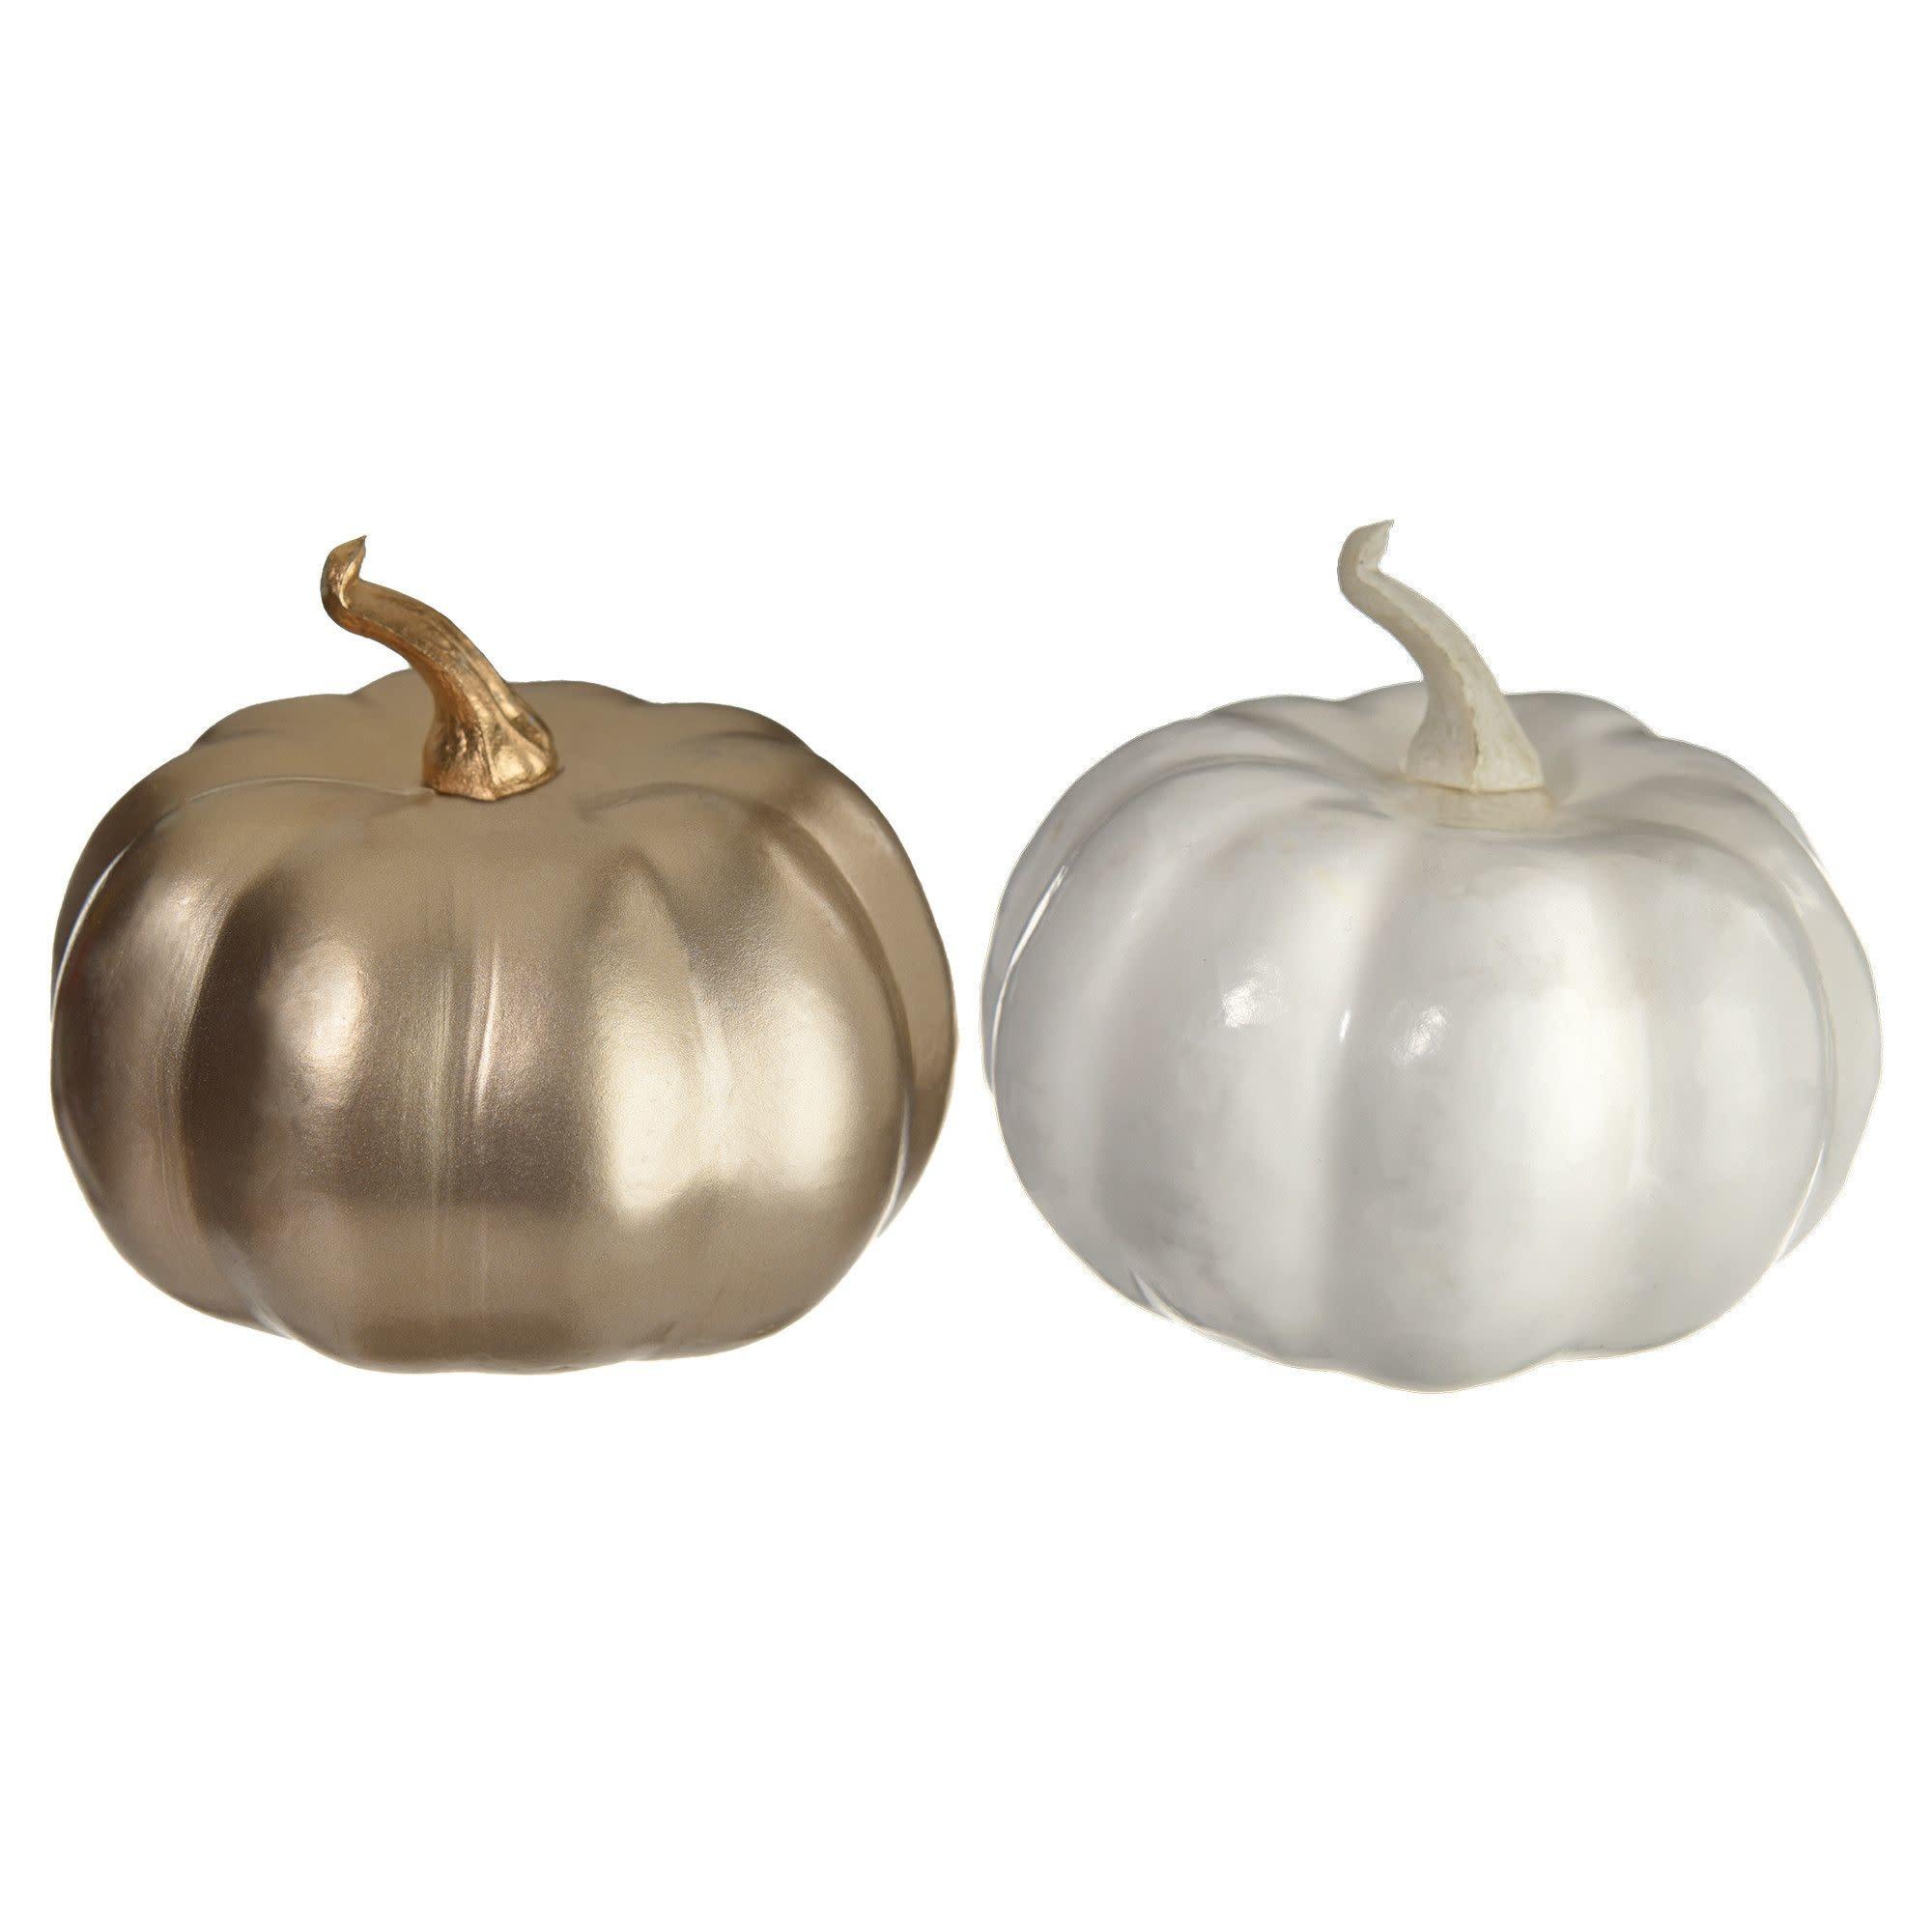 Bag of Mini Pumpkins - Gold/White